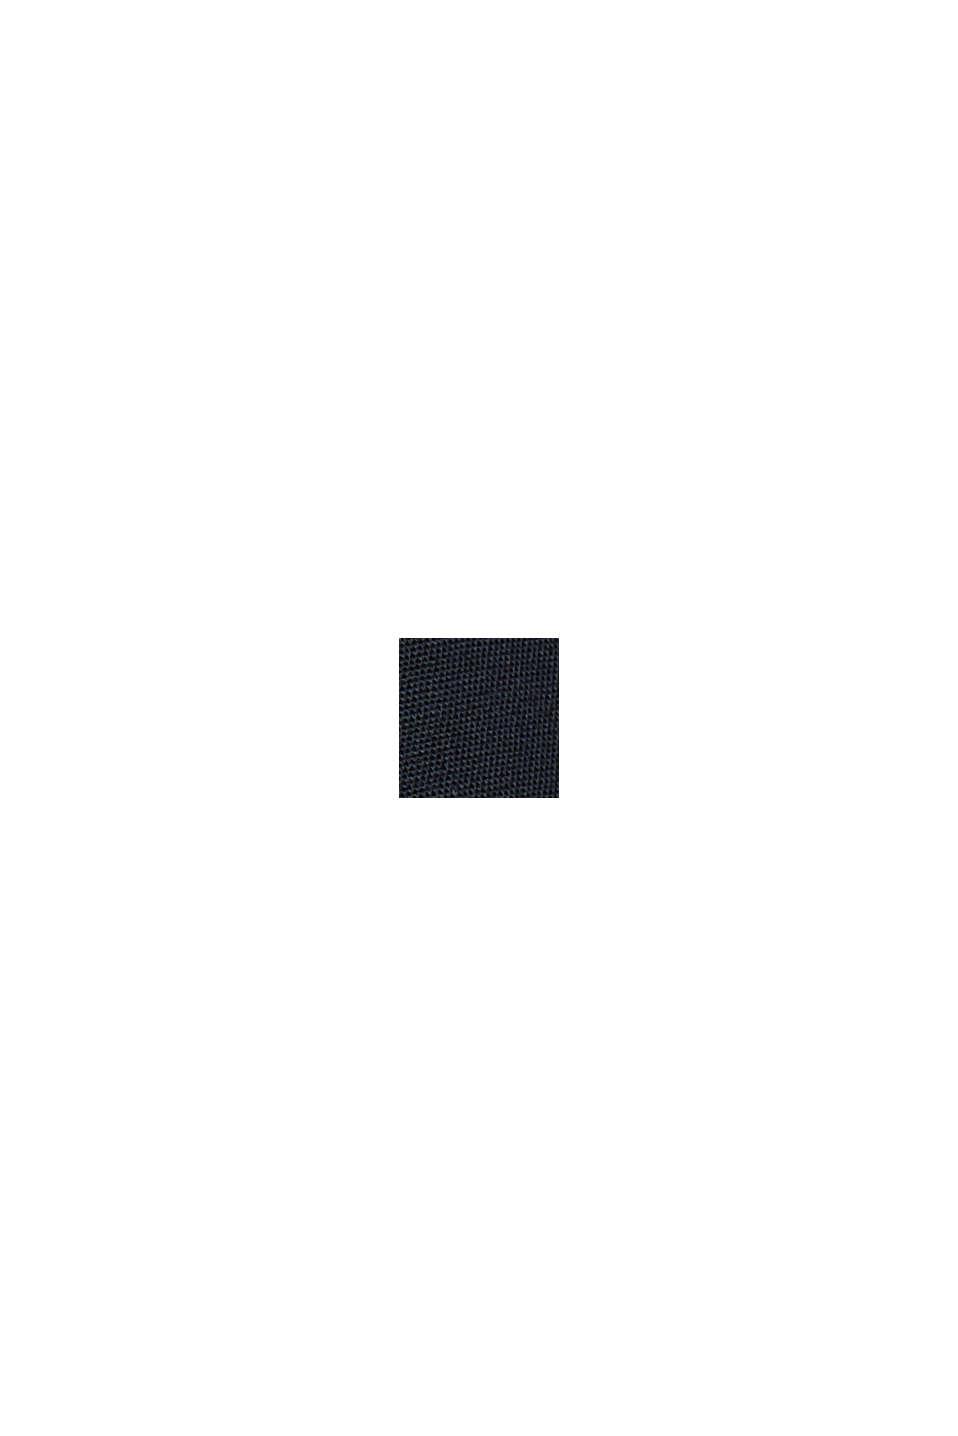 Overhemd met korte mouwen van 100% pima katoen, BLACK, swatch